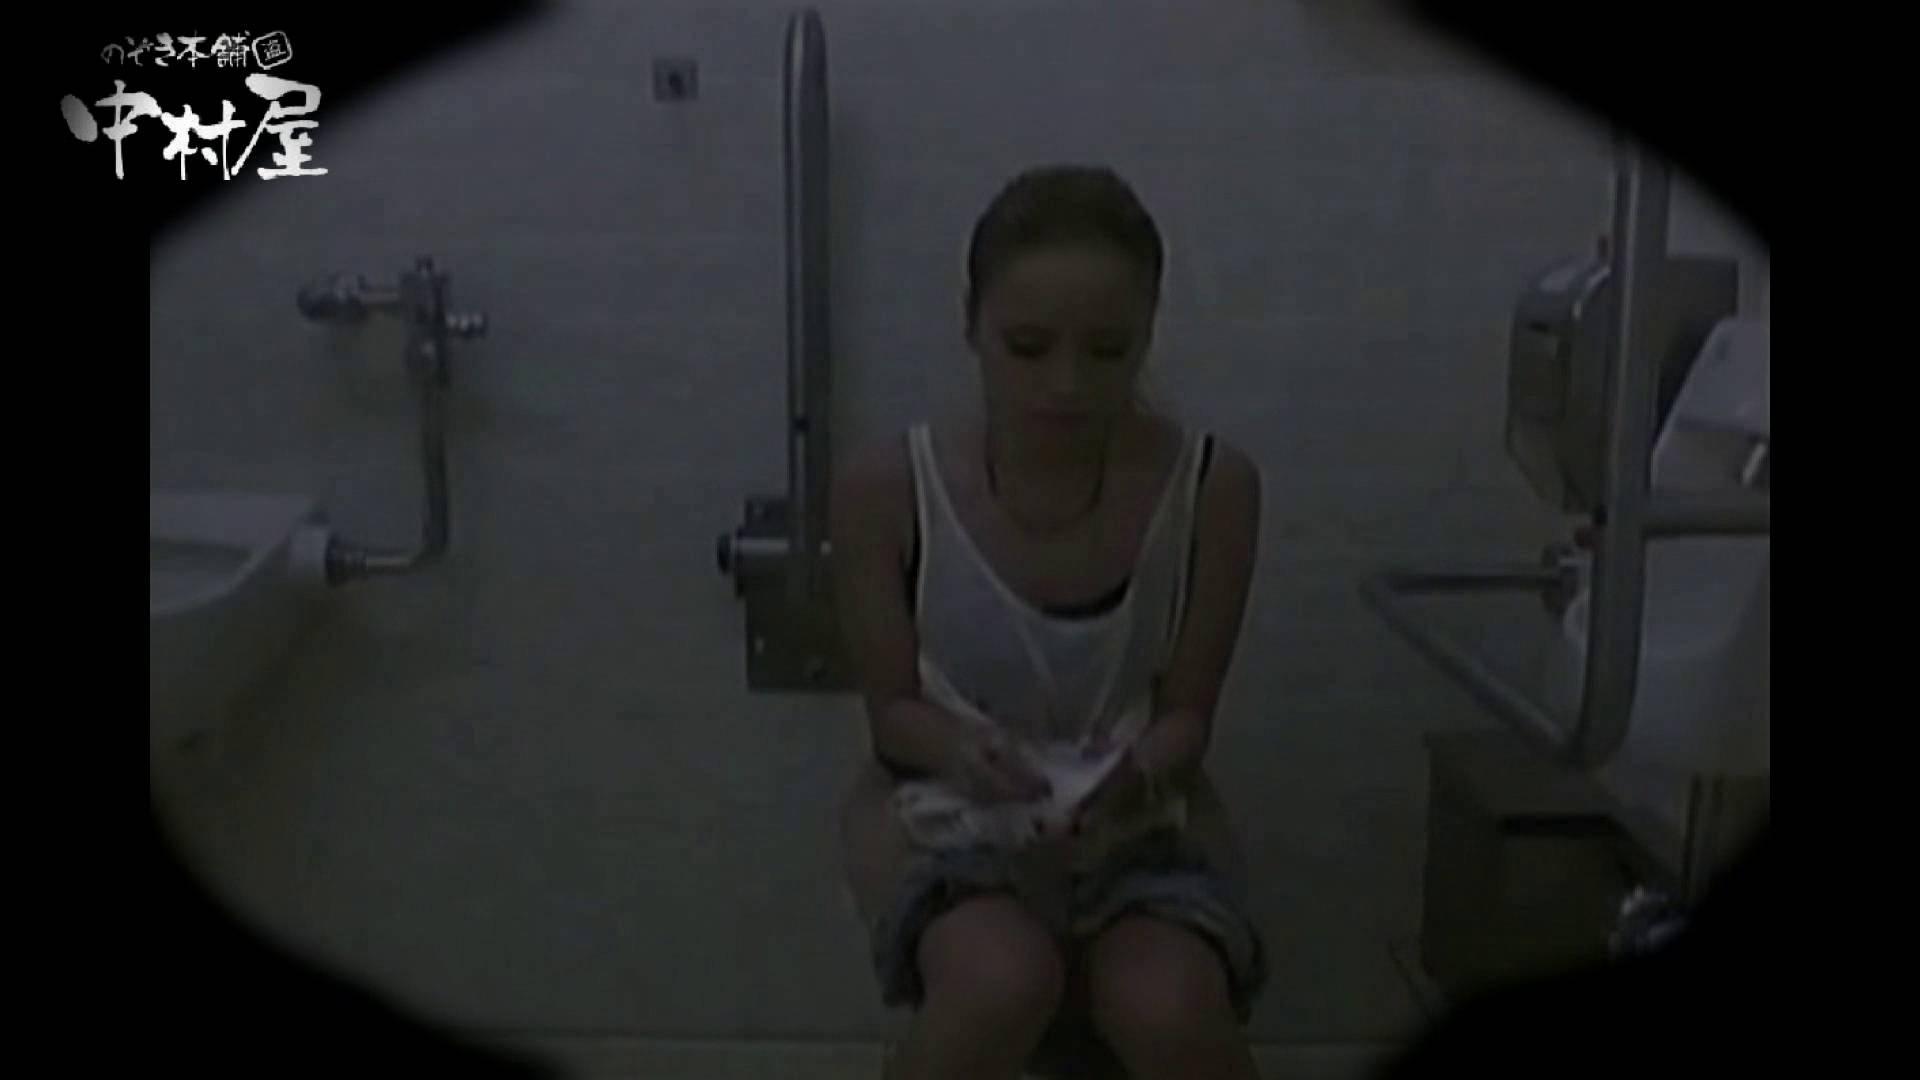 teen galトイレ覗き紙がナイ編‼vol.10 トイレ | 浴衣 盗撮 100PIX 100